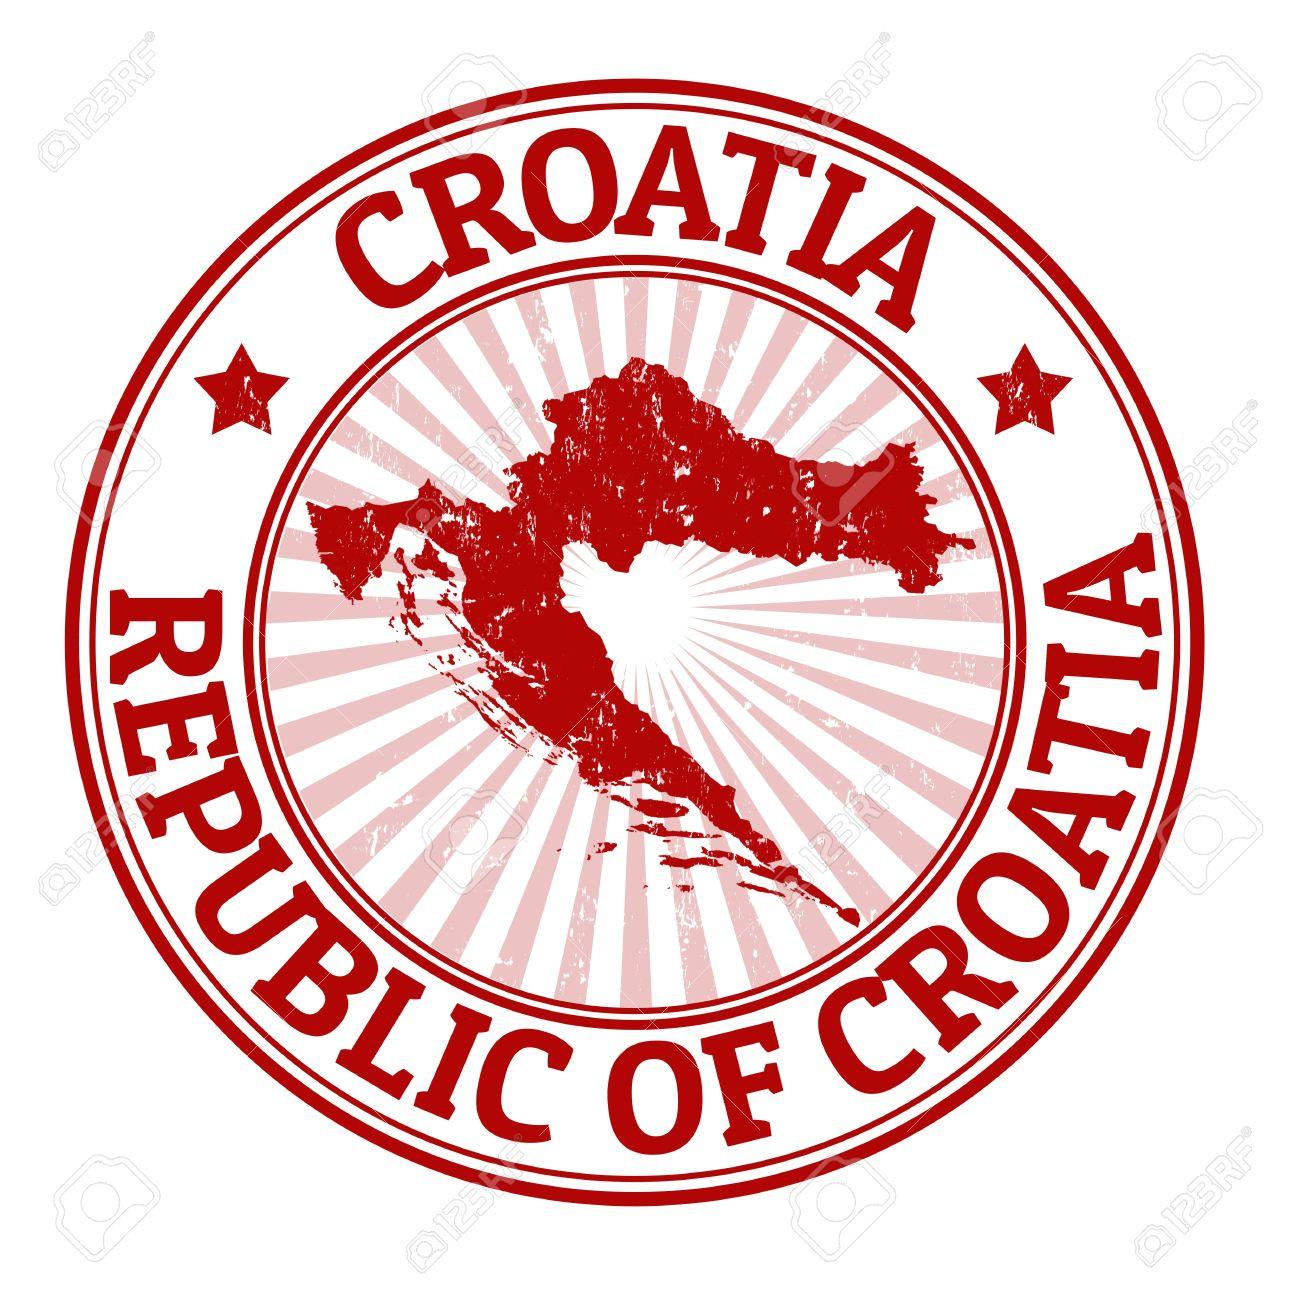 Croatia clipart #17, Download drawings